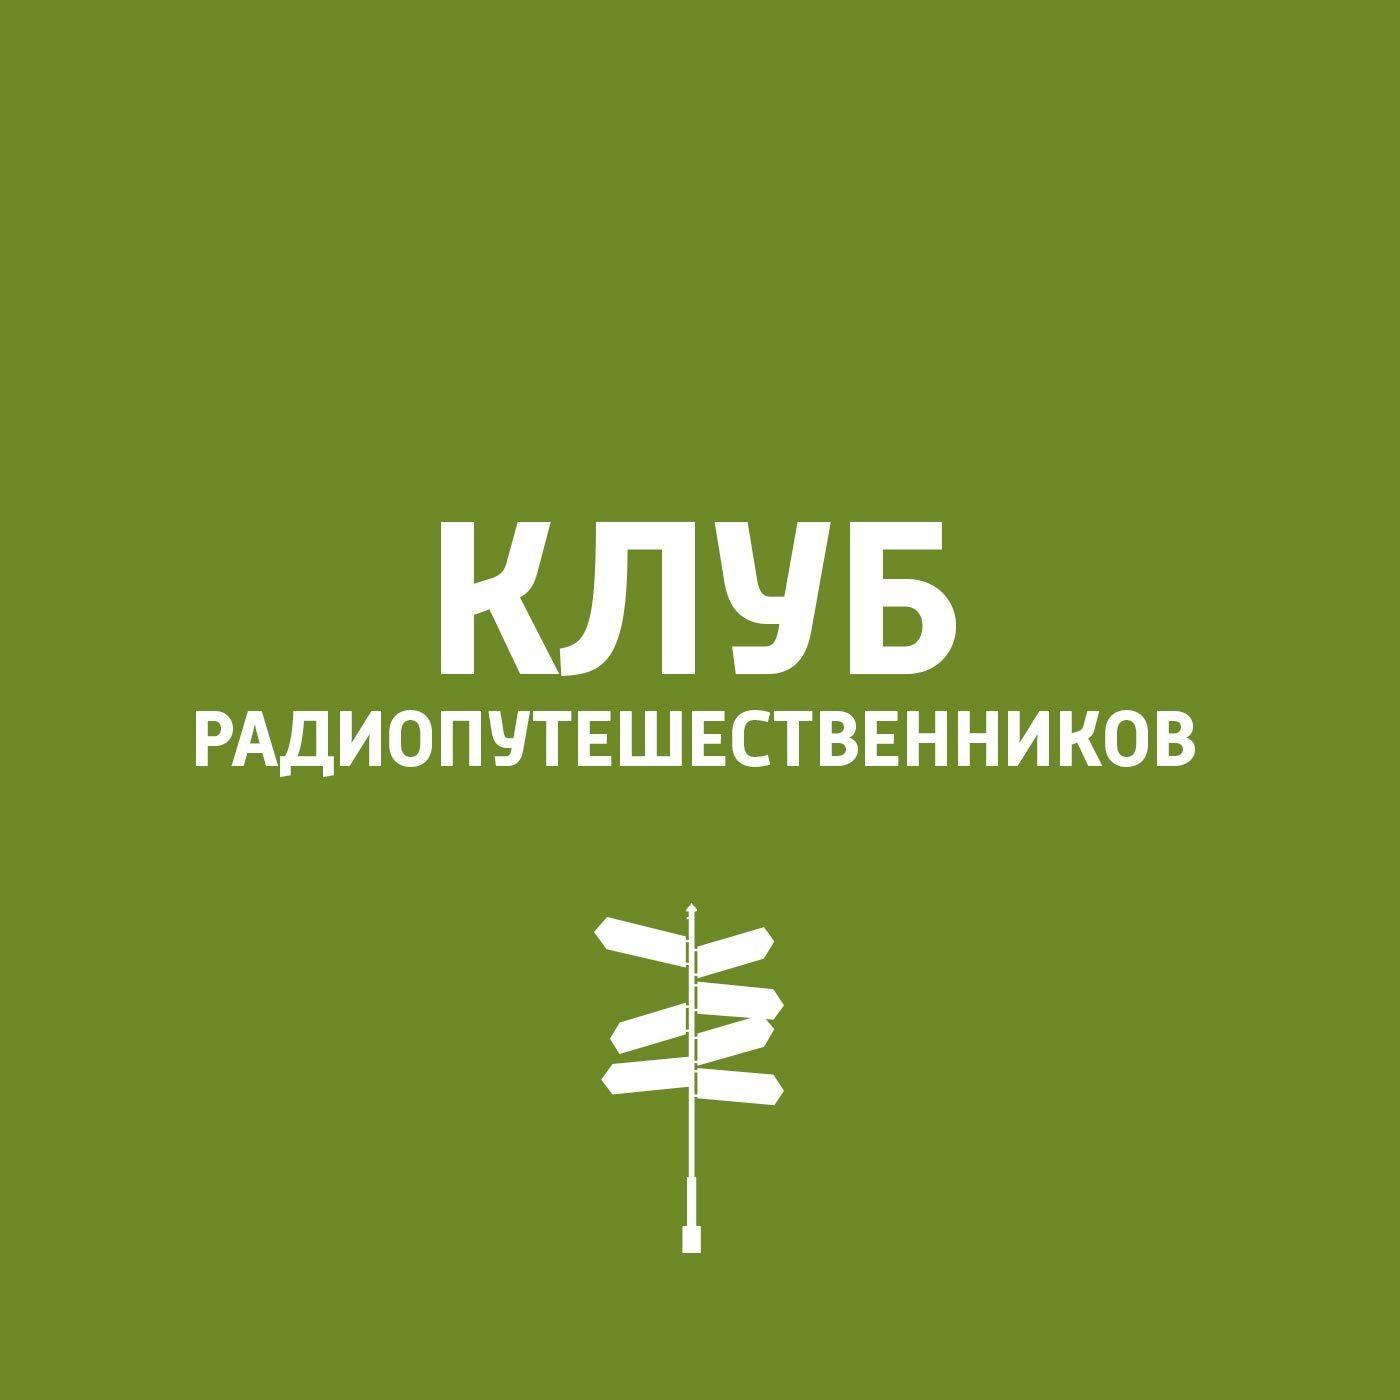 Пётр Фадеев Галич авченко в фадеев